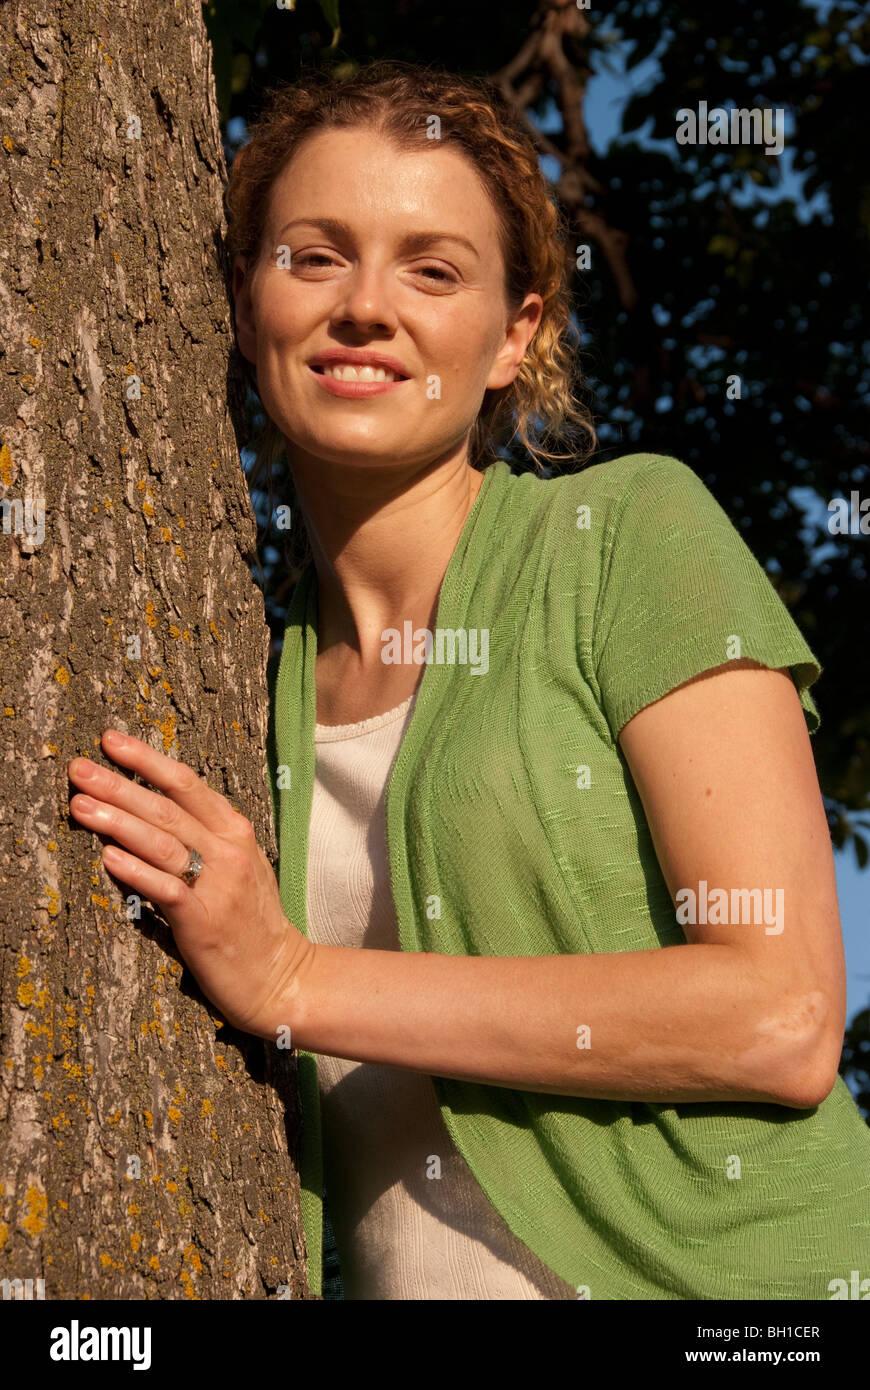 Mujer en sus 40's se recuesta contra el árbol en Assiniboine Park, Winnipeg, Manitoba, Canadá Imagen De Stock